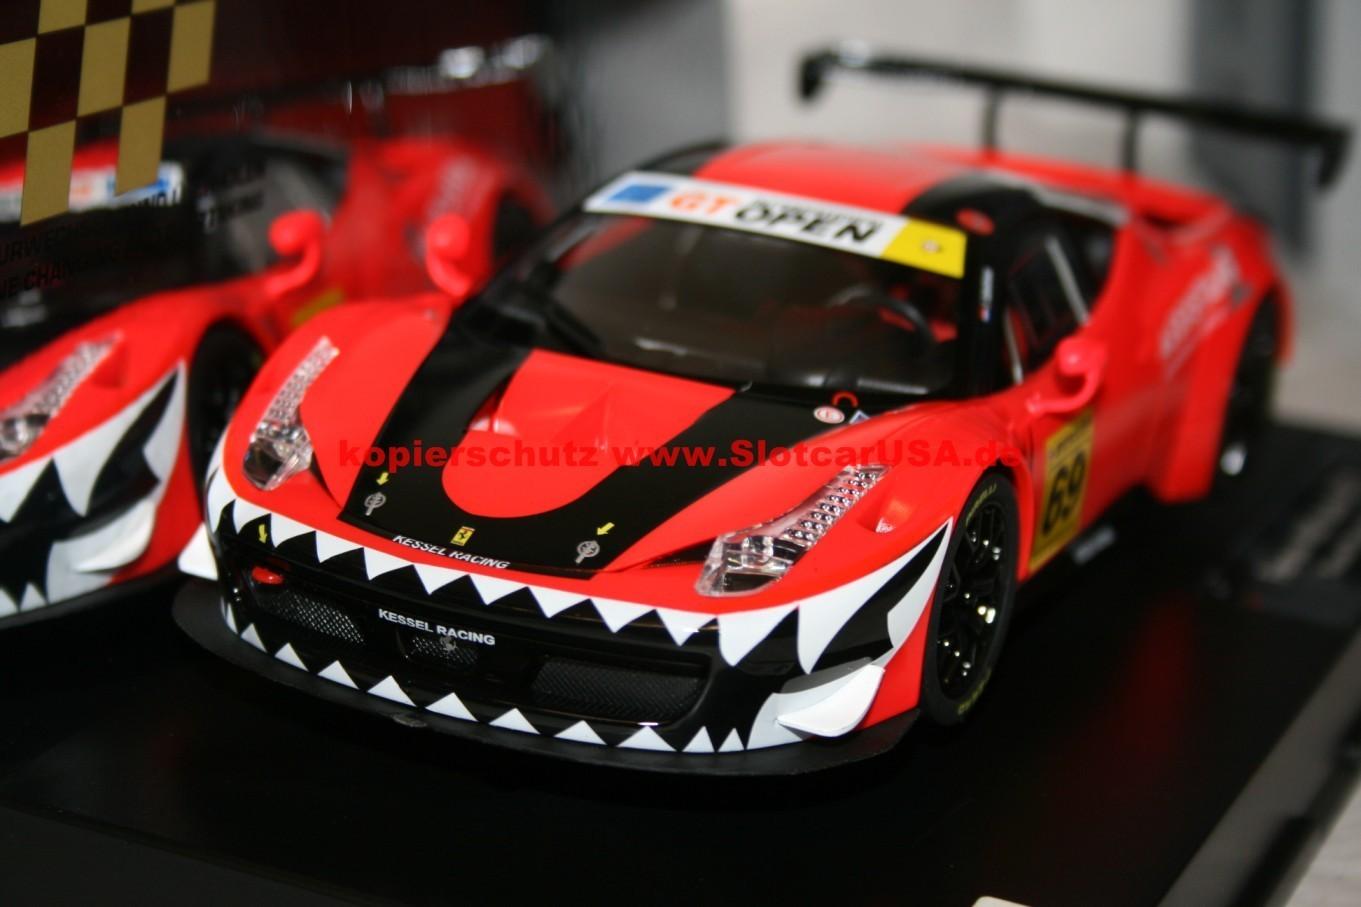 Carrera Digital 124 23838 Ferrari 458 Gt3 Kessel Racing Nr 69